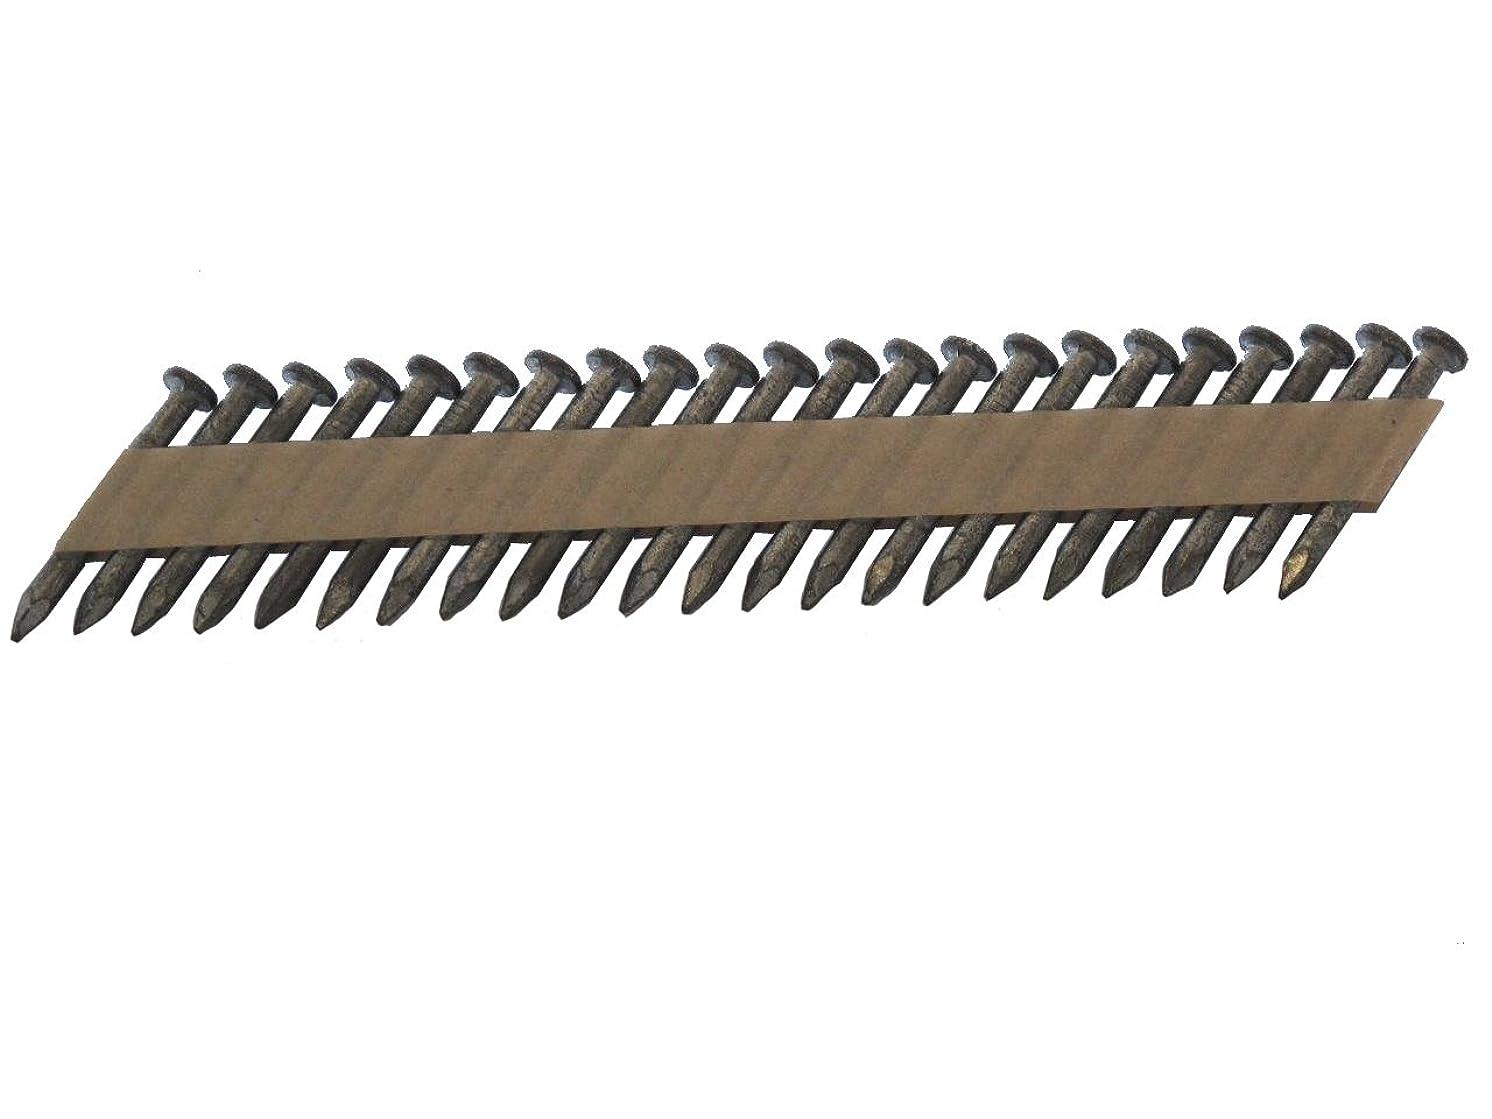 Spot Nails TRJ4D148SS-2M 304 Stainless Steel Joist Hanger Nail, 1-1/2